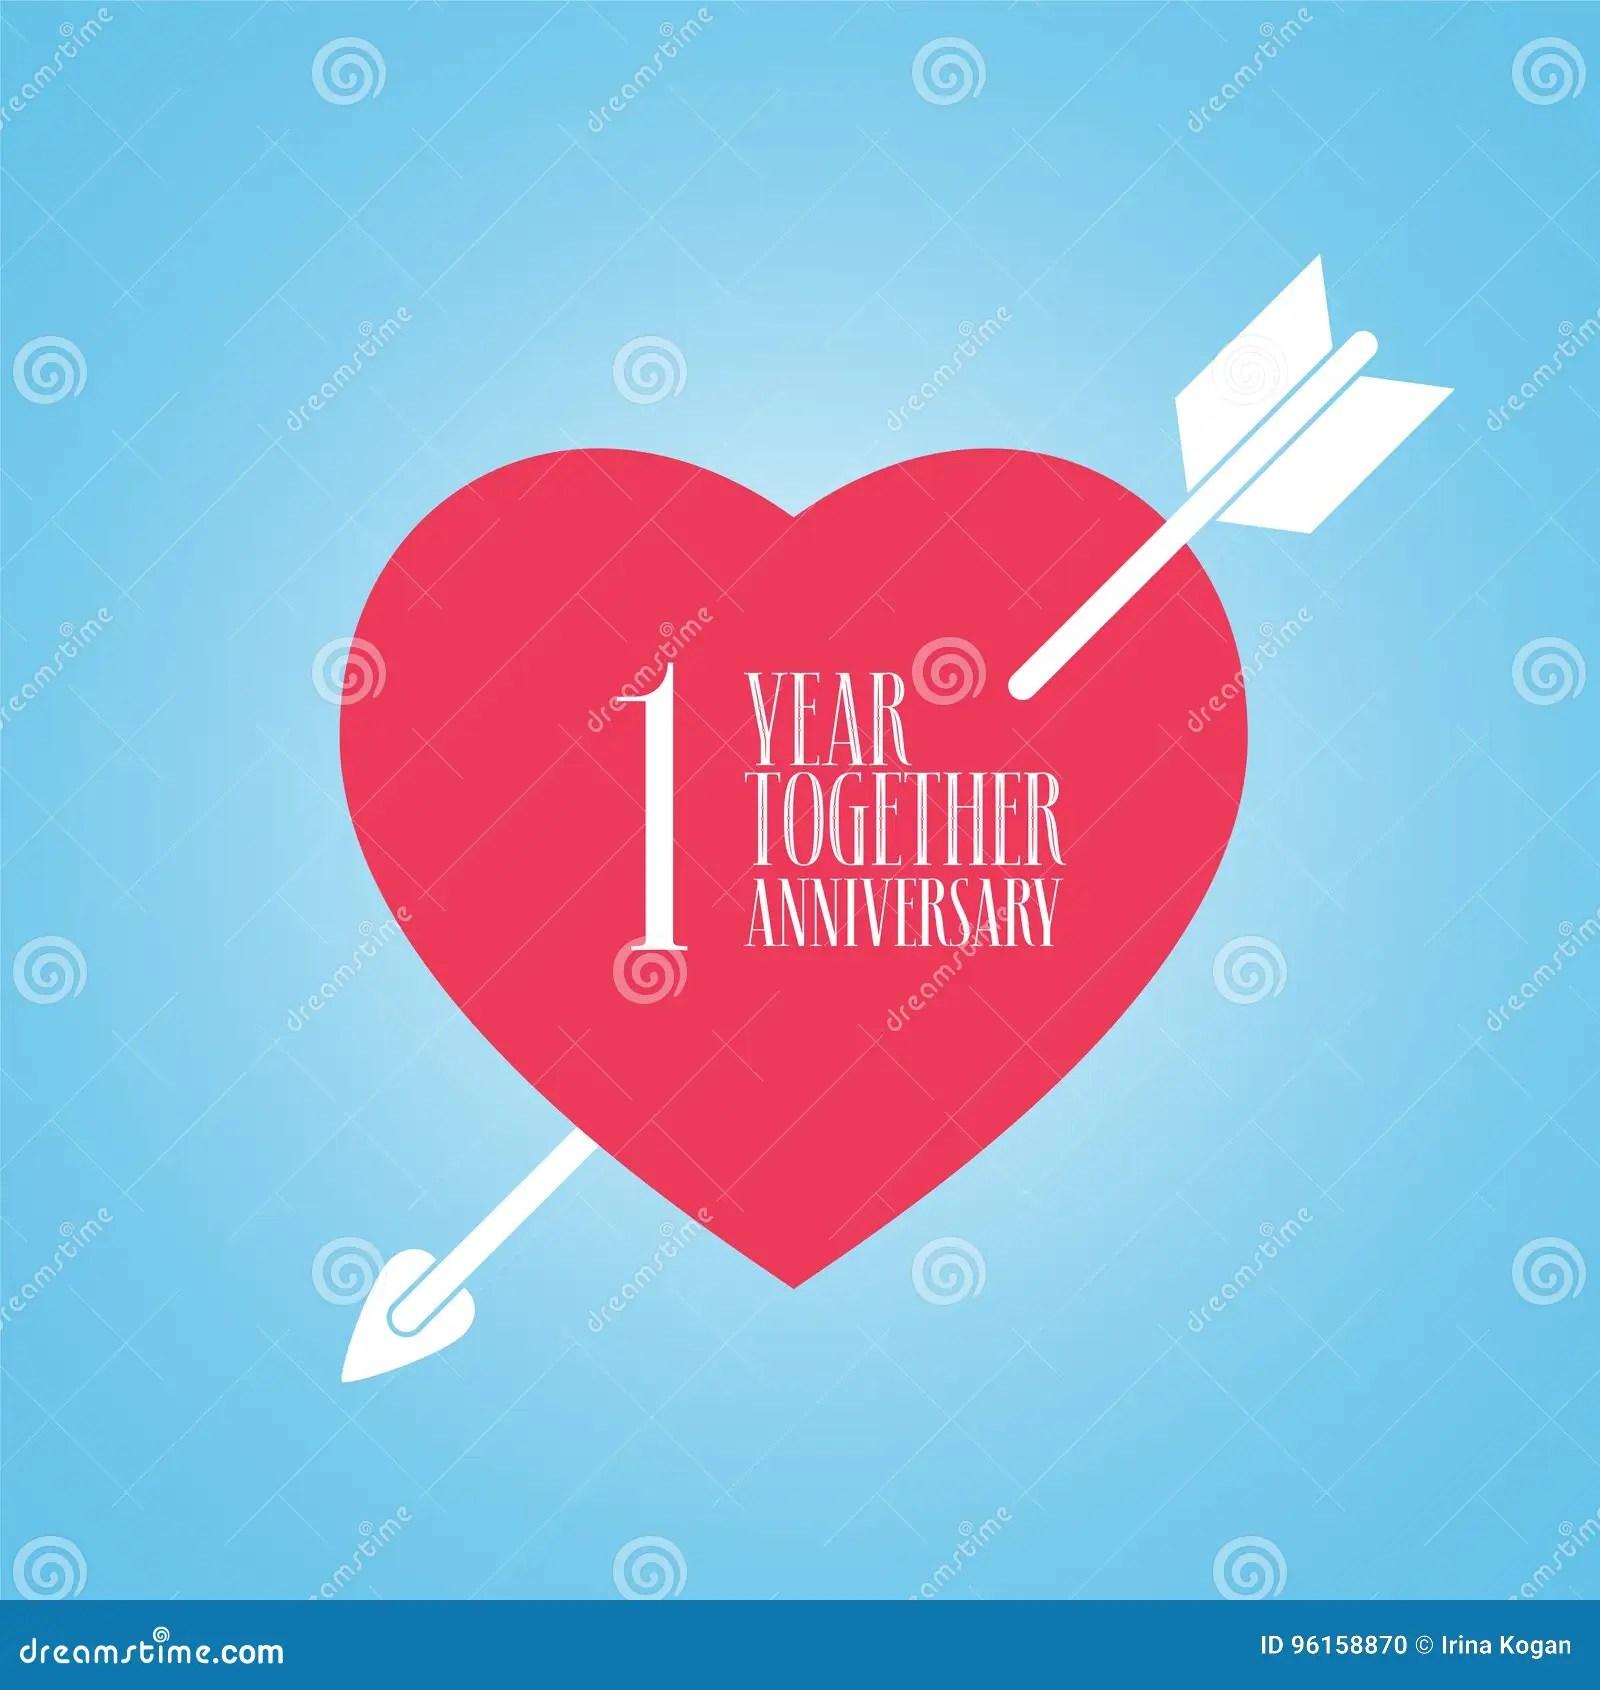 Geschenk Zum Jahrestag Valentinstag Hochzeitstag Hochzeit Heirat Jt 1